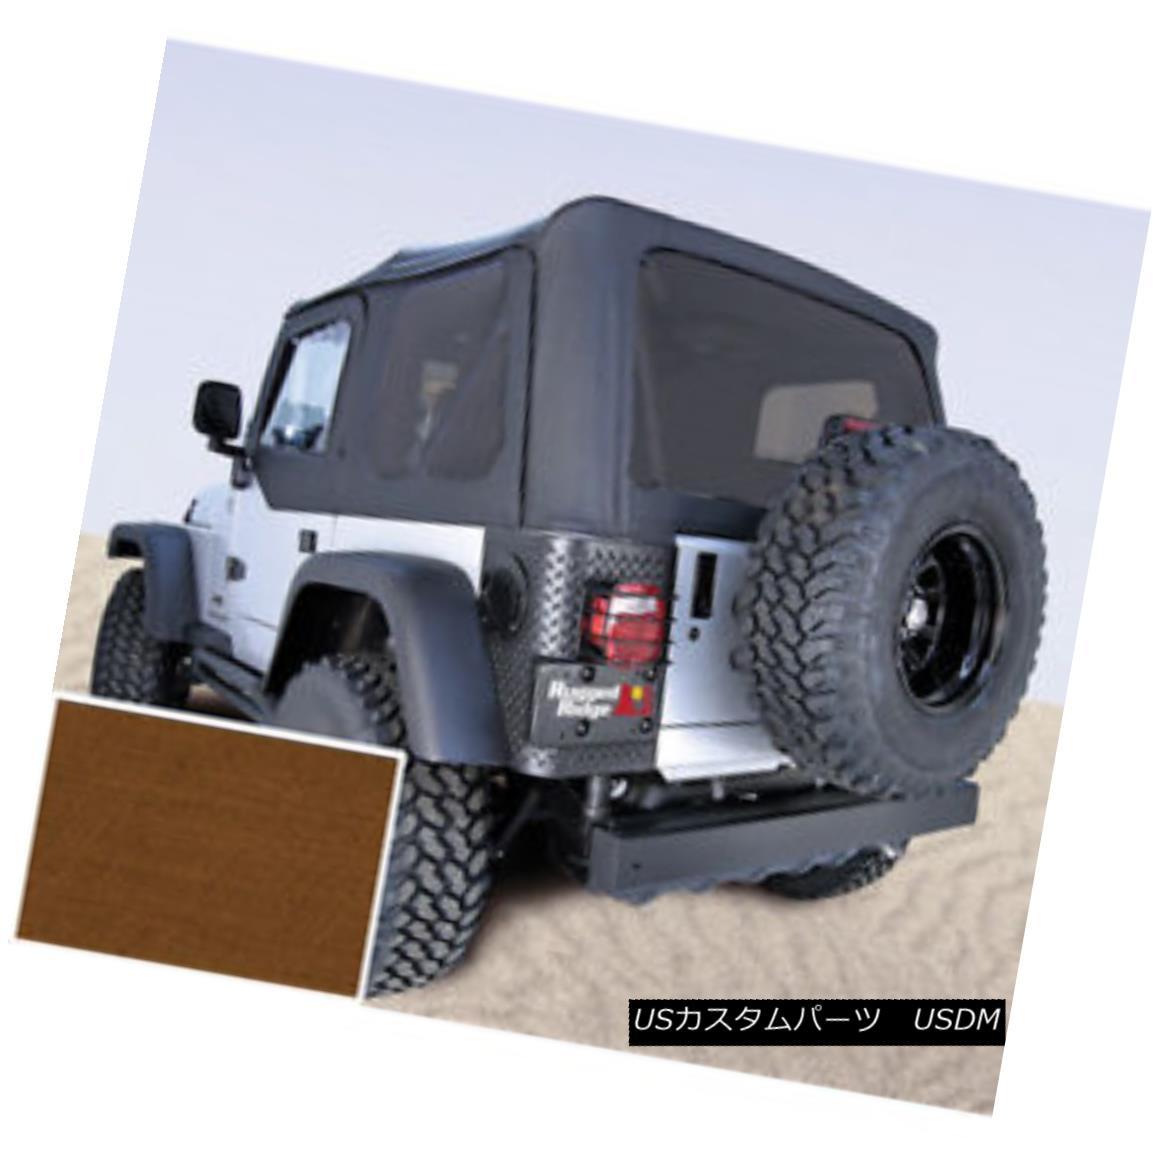 幌・ソフトトップ Rugged Ridge 13724.33 XHD Soft Top Tan Tinted Windows 97-06 Jeep Wrangler 頑丈な尾根13724.33 XHDソフトトップ淡色の彩色されたWindows 97-06ジープラングラー